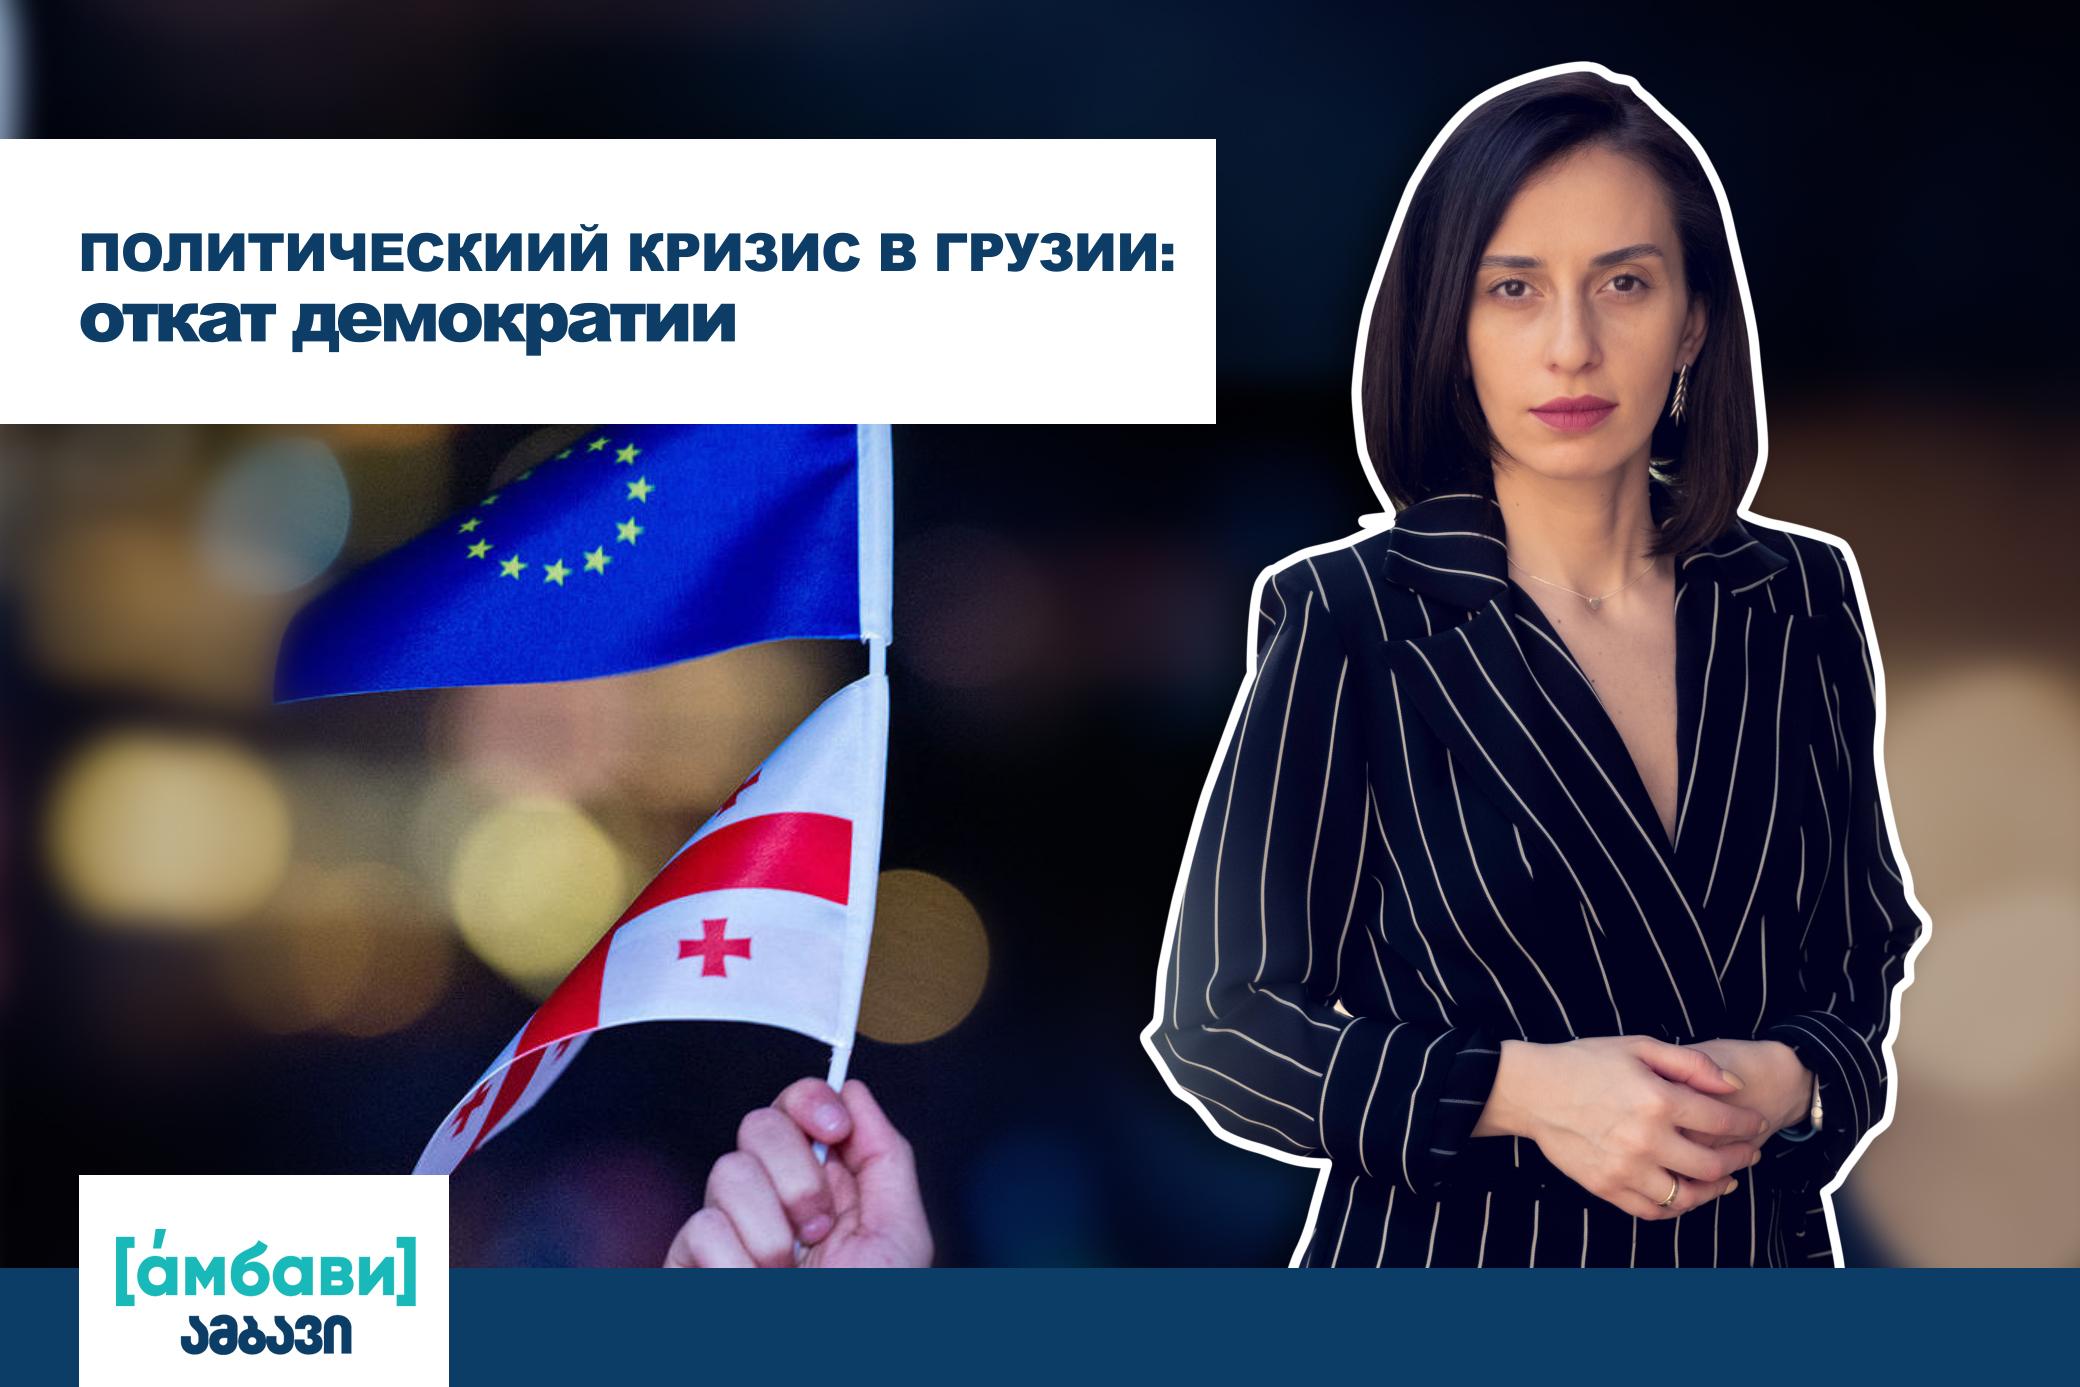 AMBAVI BANNER 0 00 00 00 [áмбави] featured, Грузия-ЕС, Грузия-США, кризис Мечты